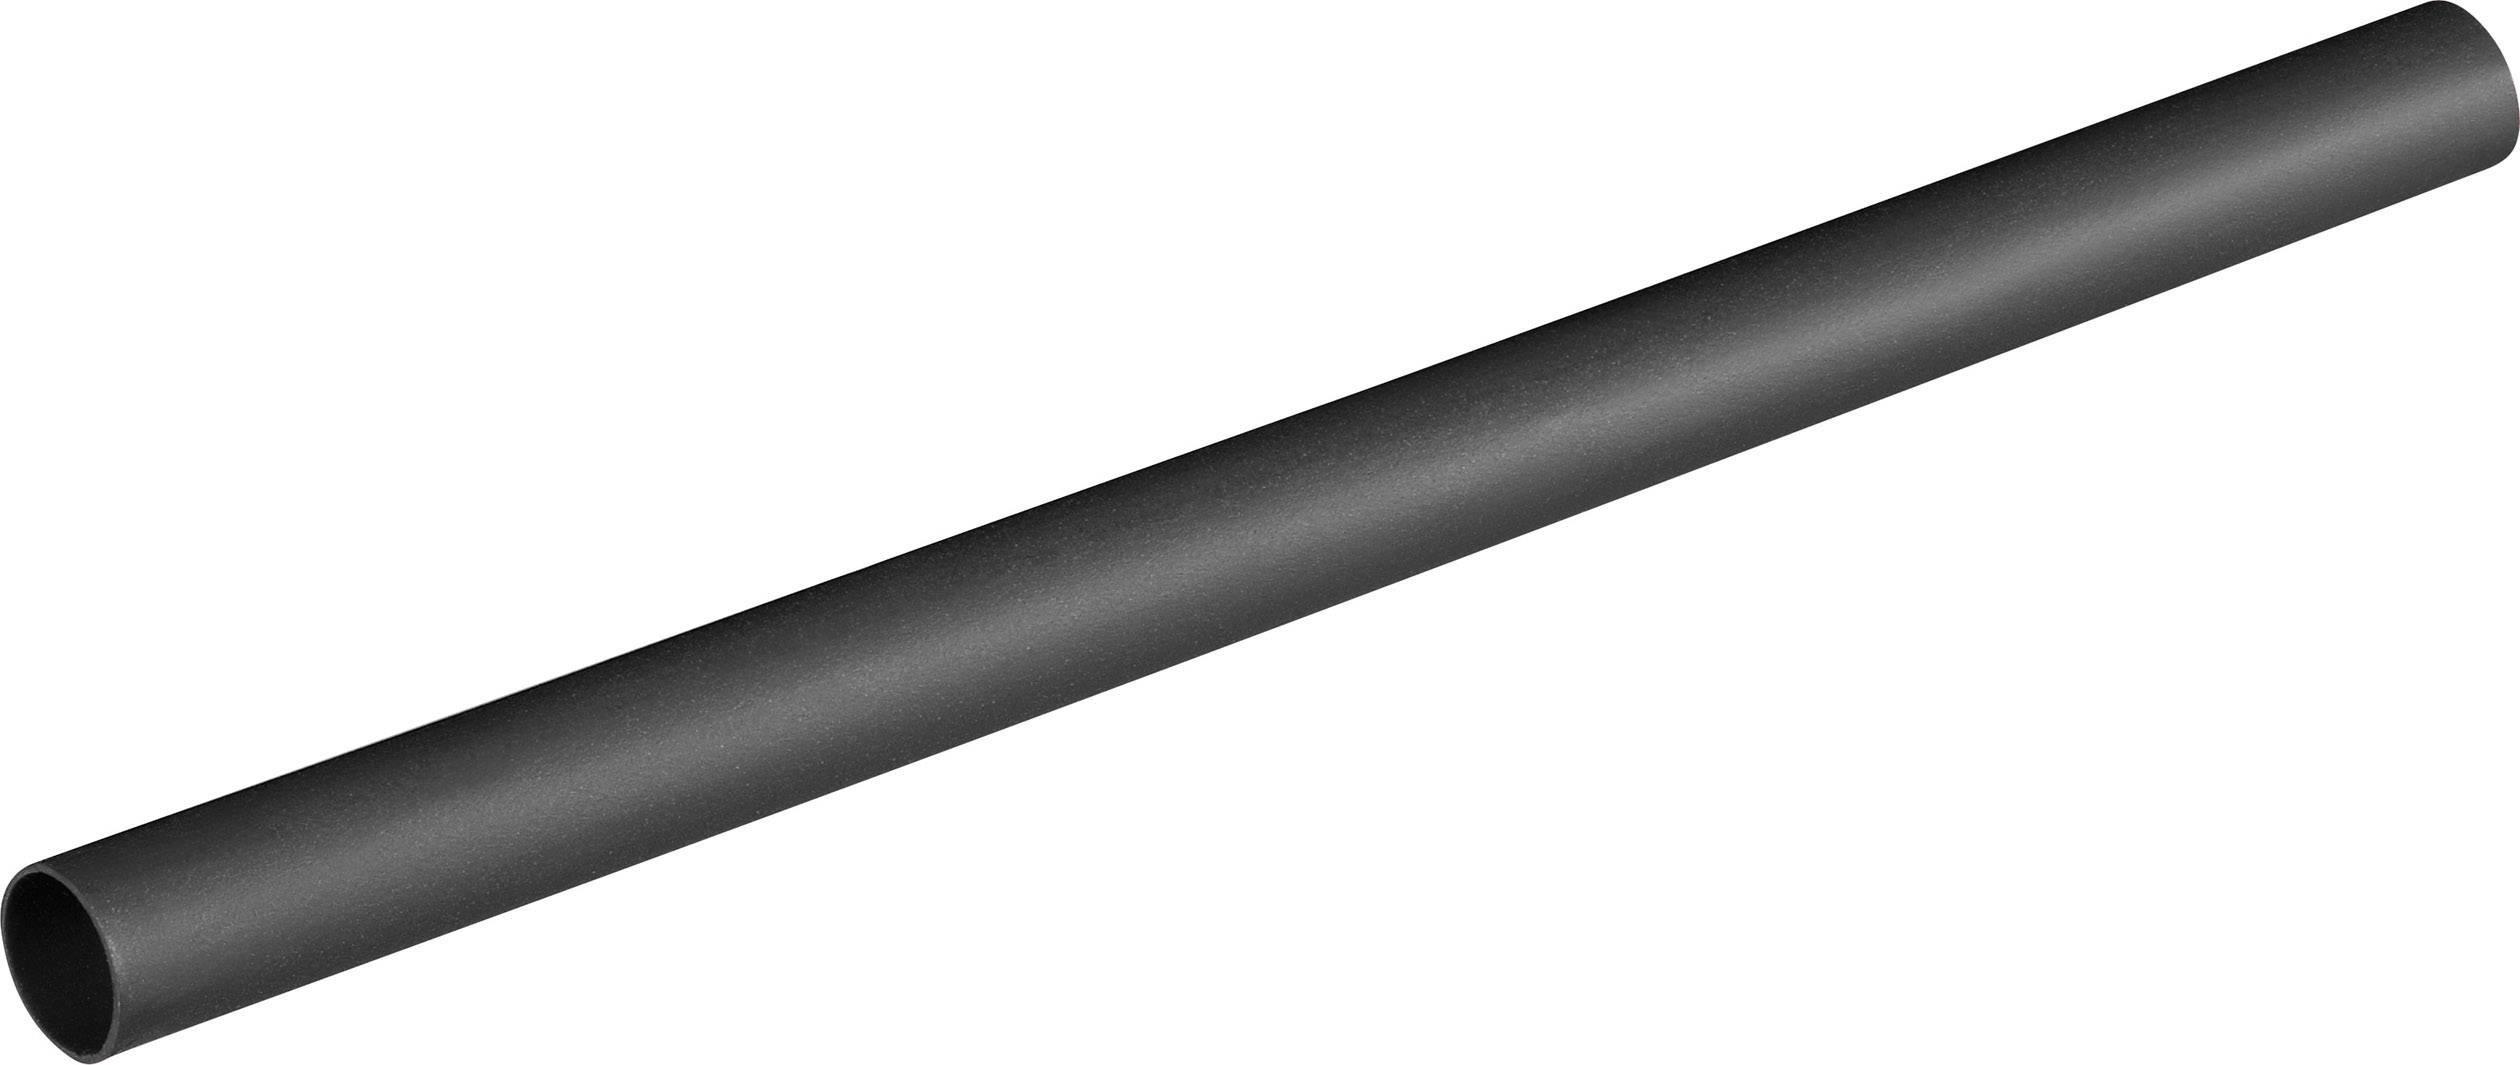 Smršťovací bužírka bez lepidla AlphaWire F221 3/64 BK 2:1, -5 až +135 °C, 1.17 mm, černá, 1.2 m